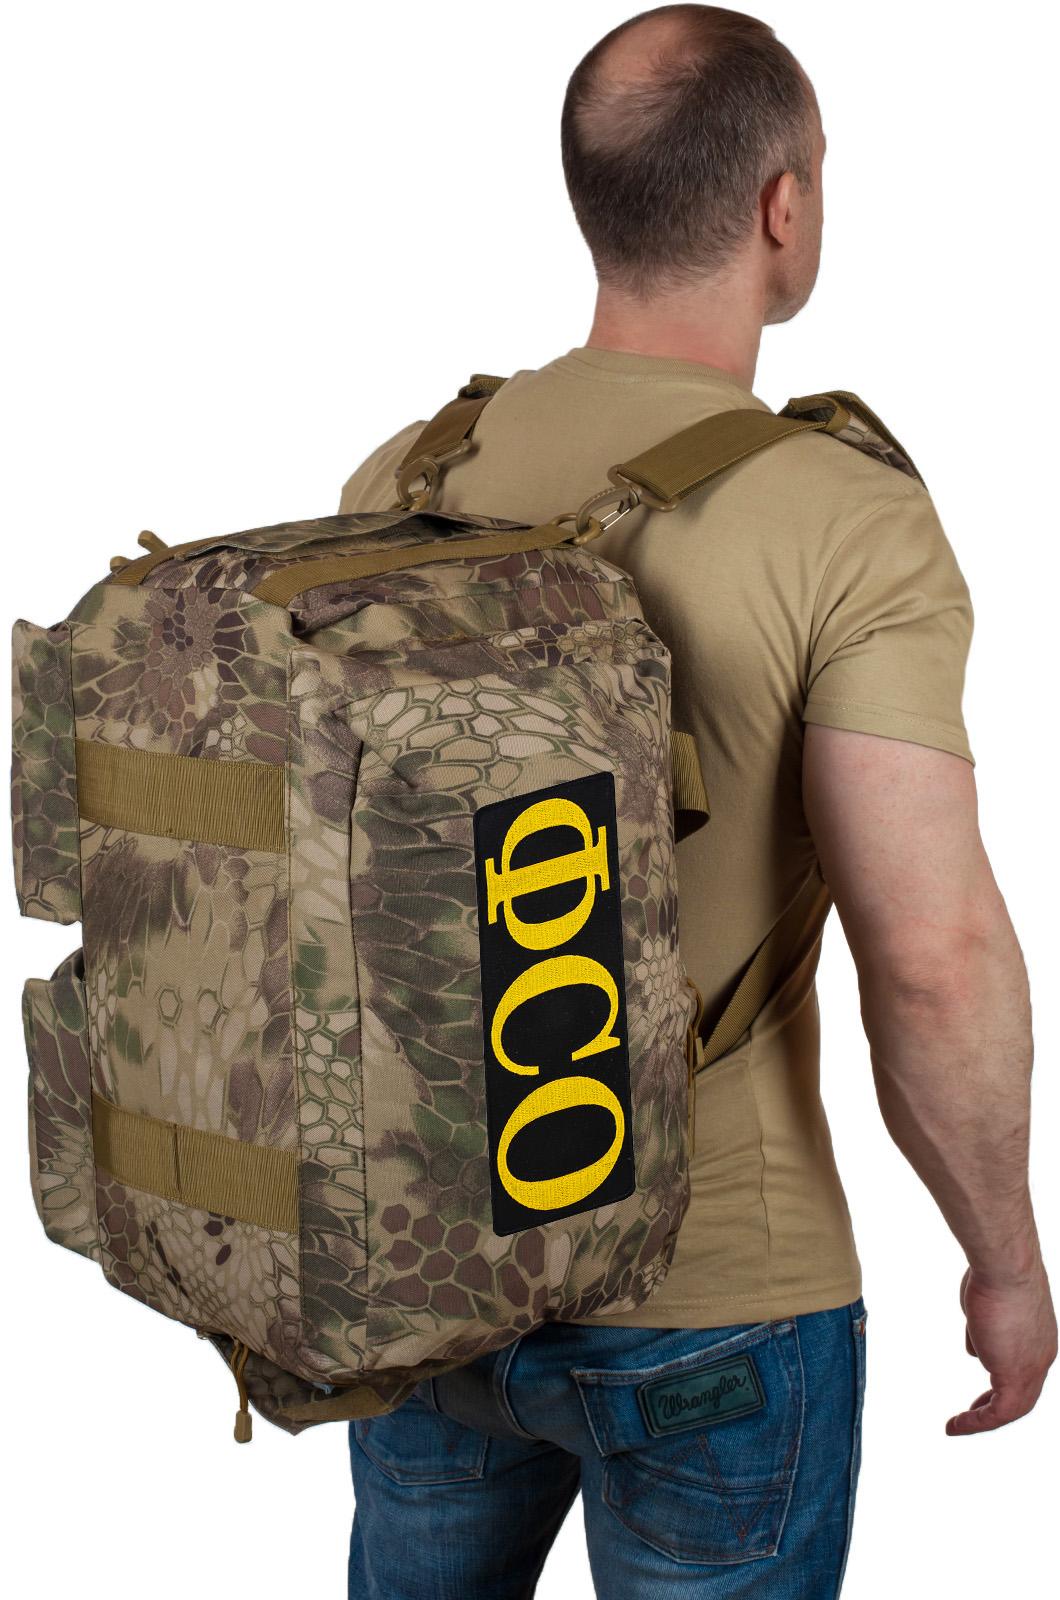 Купить тактическую сумку для походов с нашивкой ФСО по специальной цене